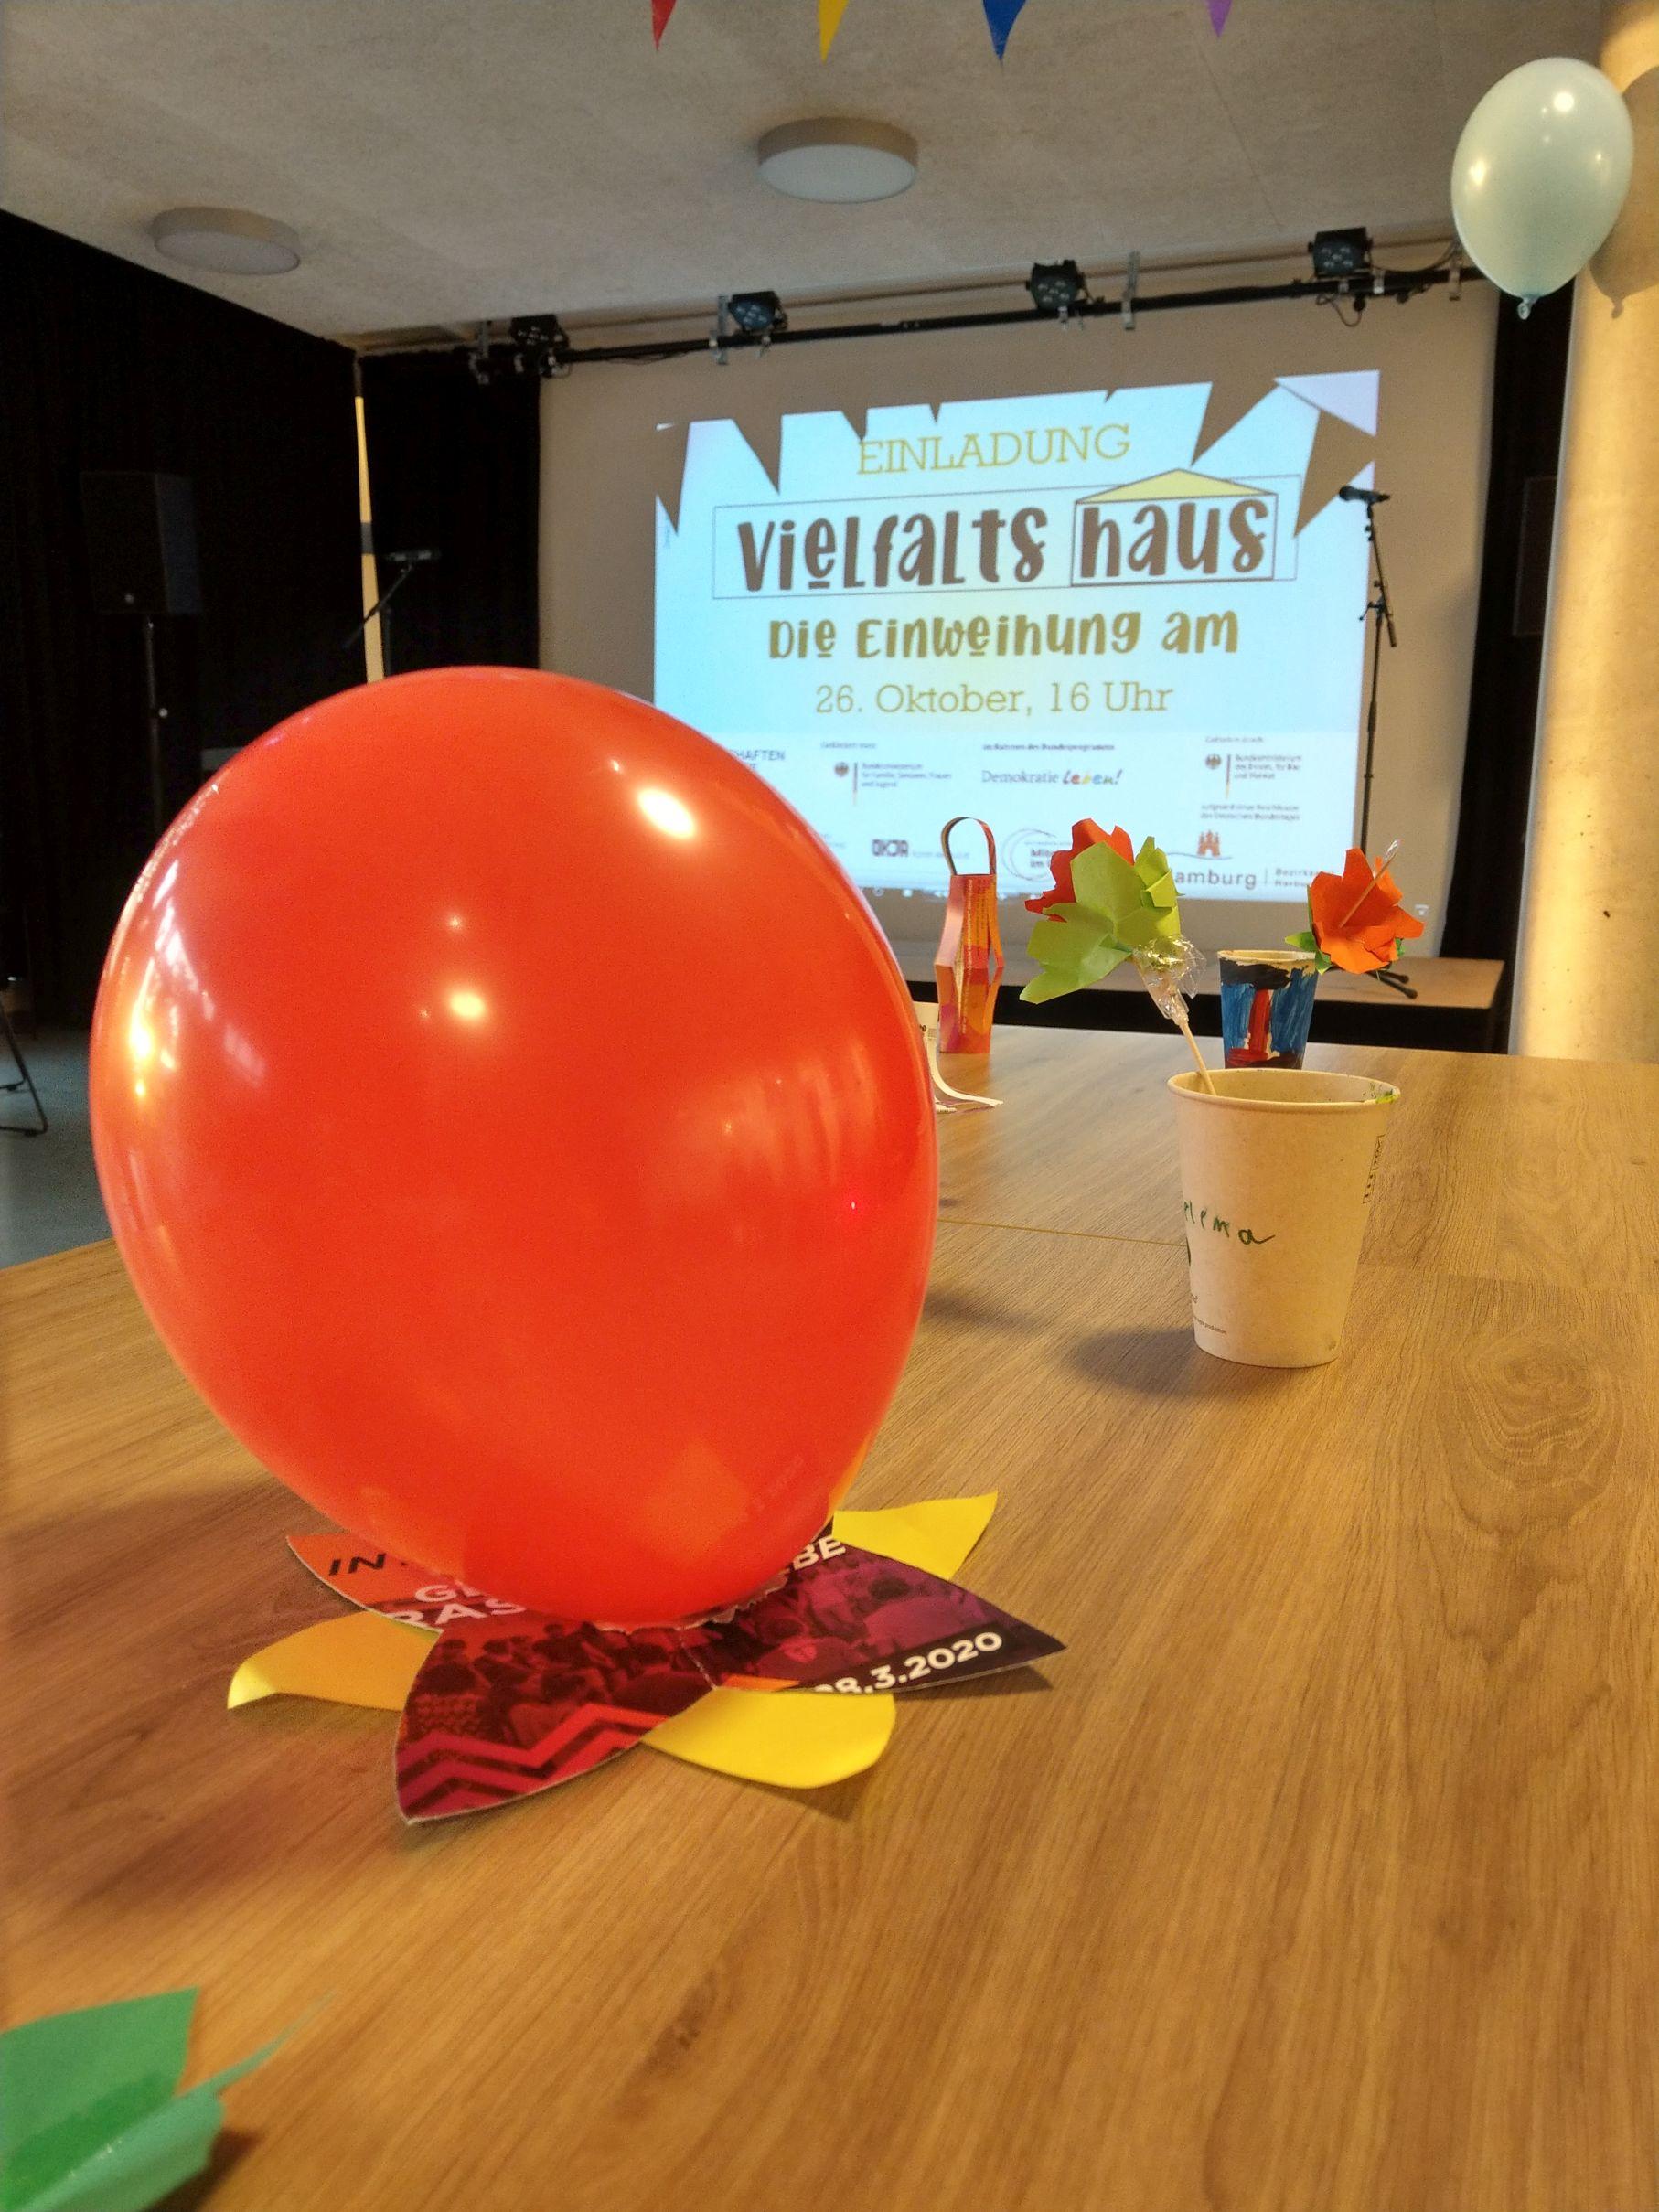 Foto von der Einweihung des Vielfalthauses. Im Vordergrund ein oranger Luftballon auf einem Tisch. Im Hintergrund auf einer Leinwand eine Folie von einer Präsentation